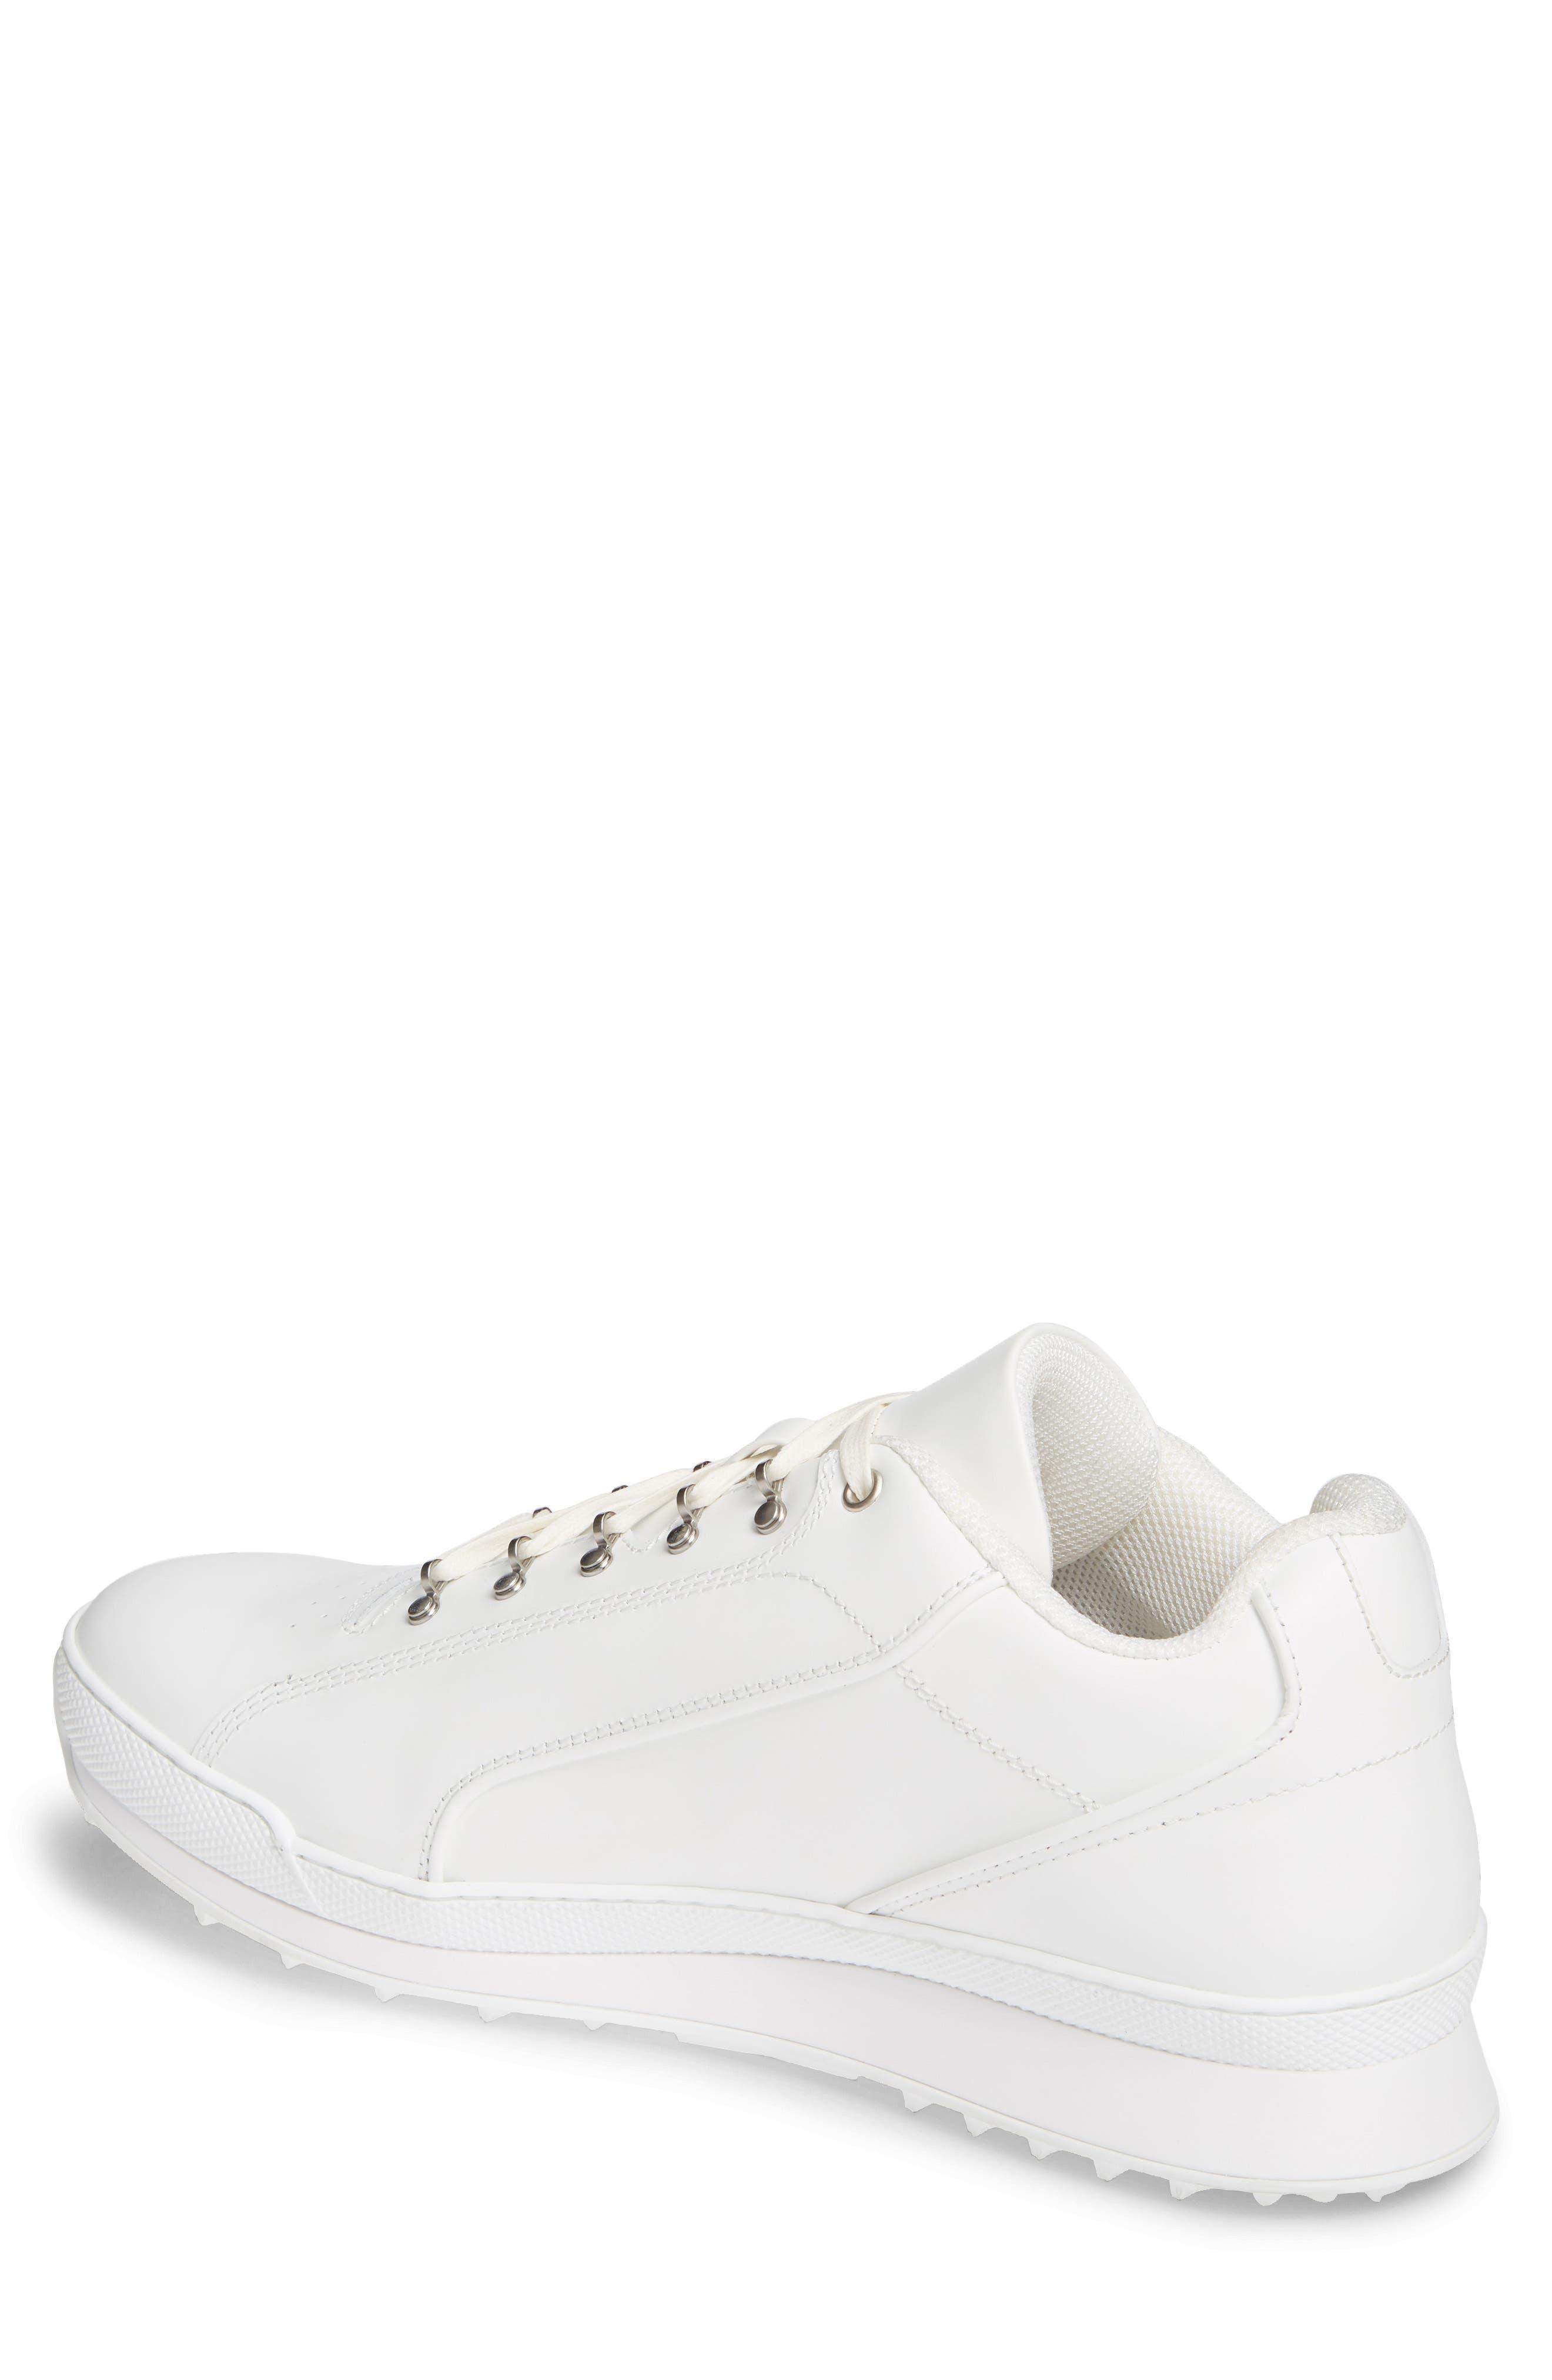 Jump Low Top Sneaker,                             Alternate thumbnail 2, color,                             120